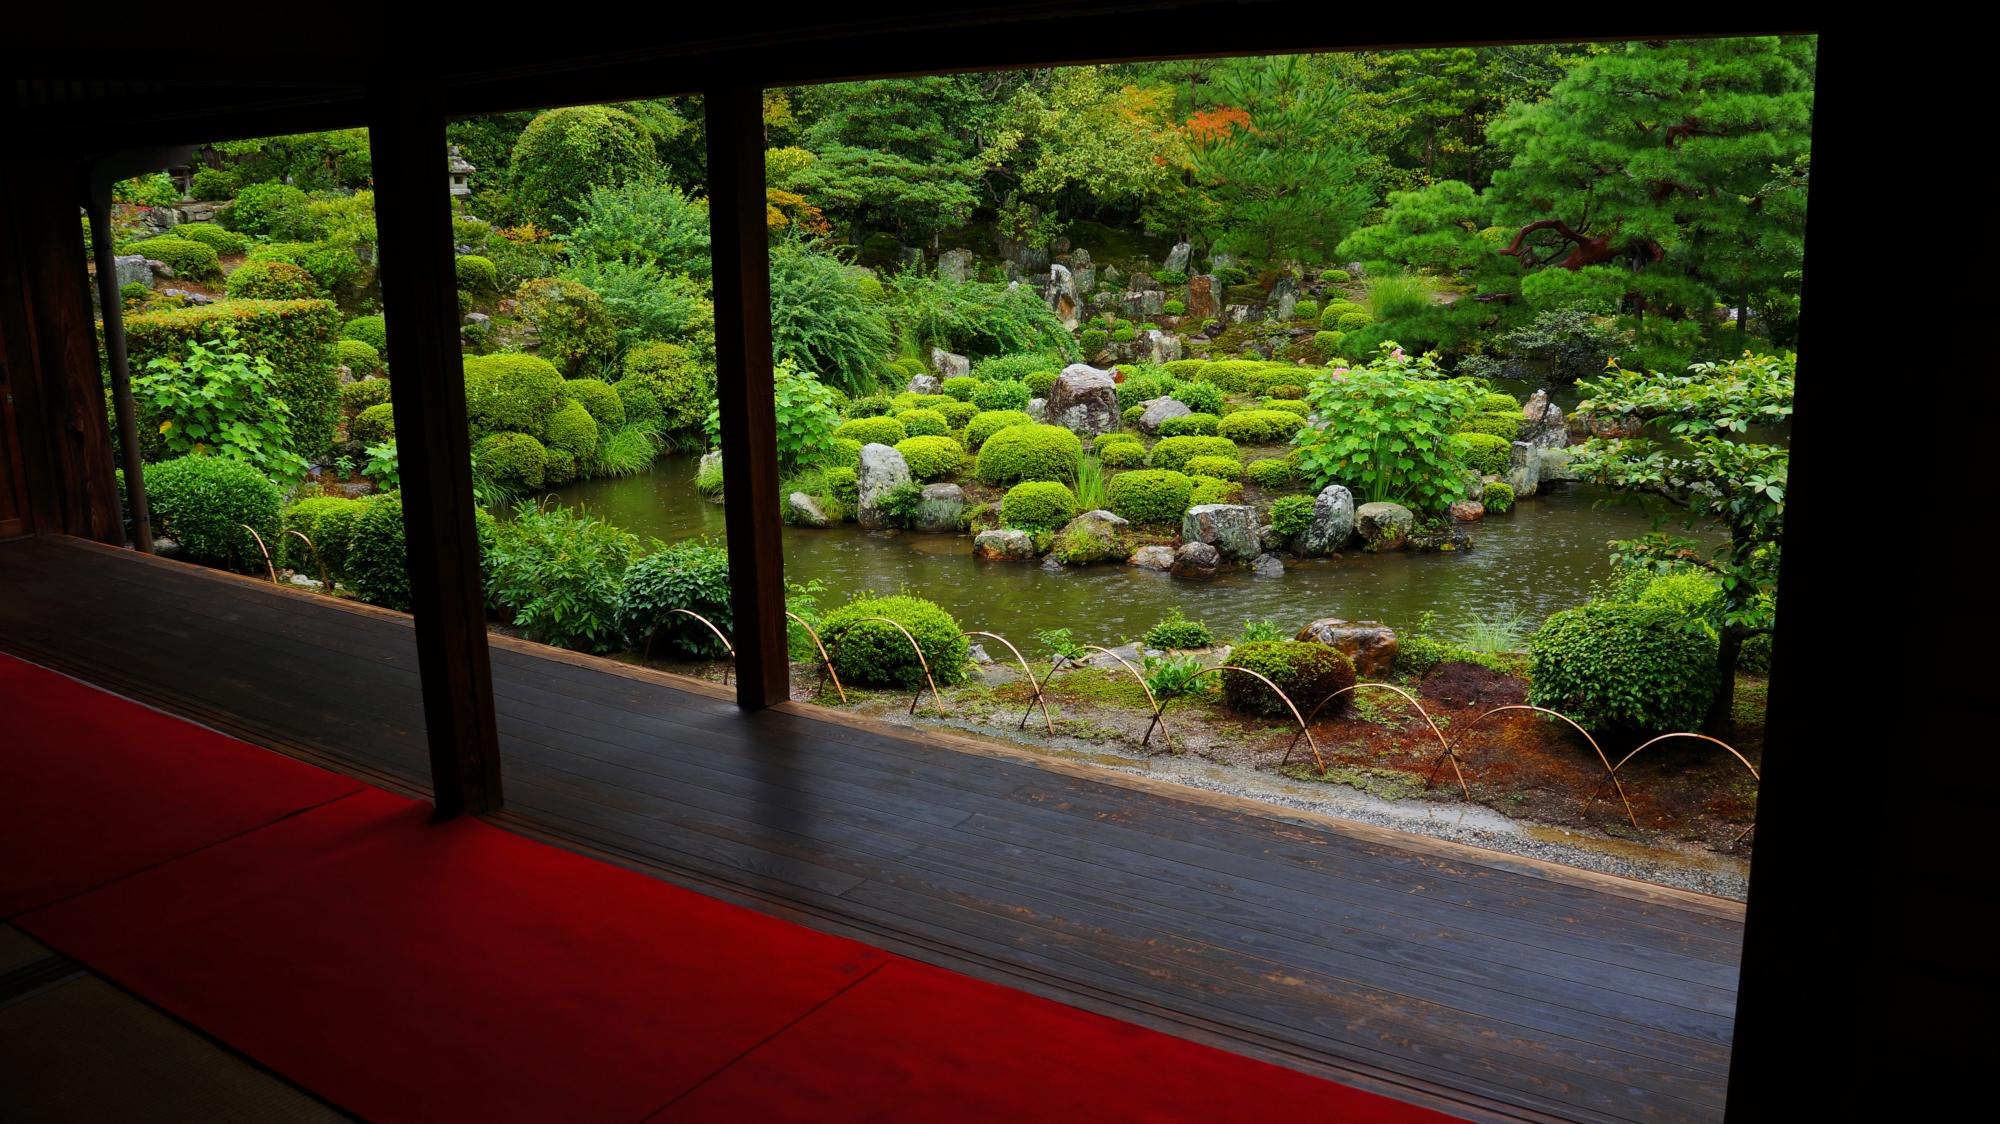 等持院 青もみじと雨 深い緑の名庭